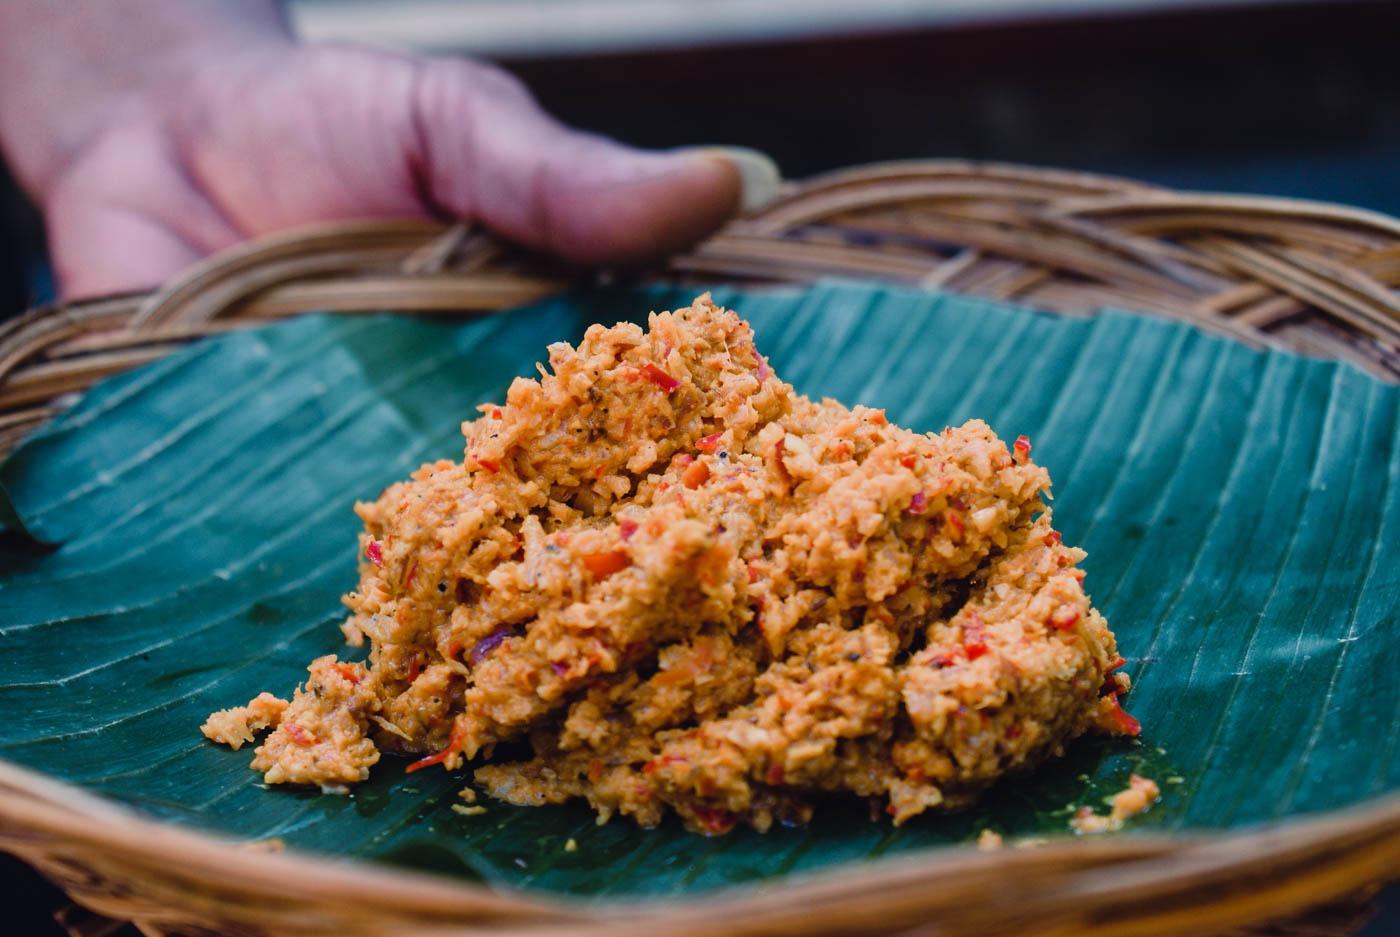 The Bali Food Guide I Bali Travel I Food I Indonesia I Travel #traveldestinations #food #bali #indonesia 6